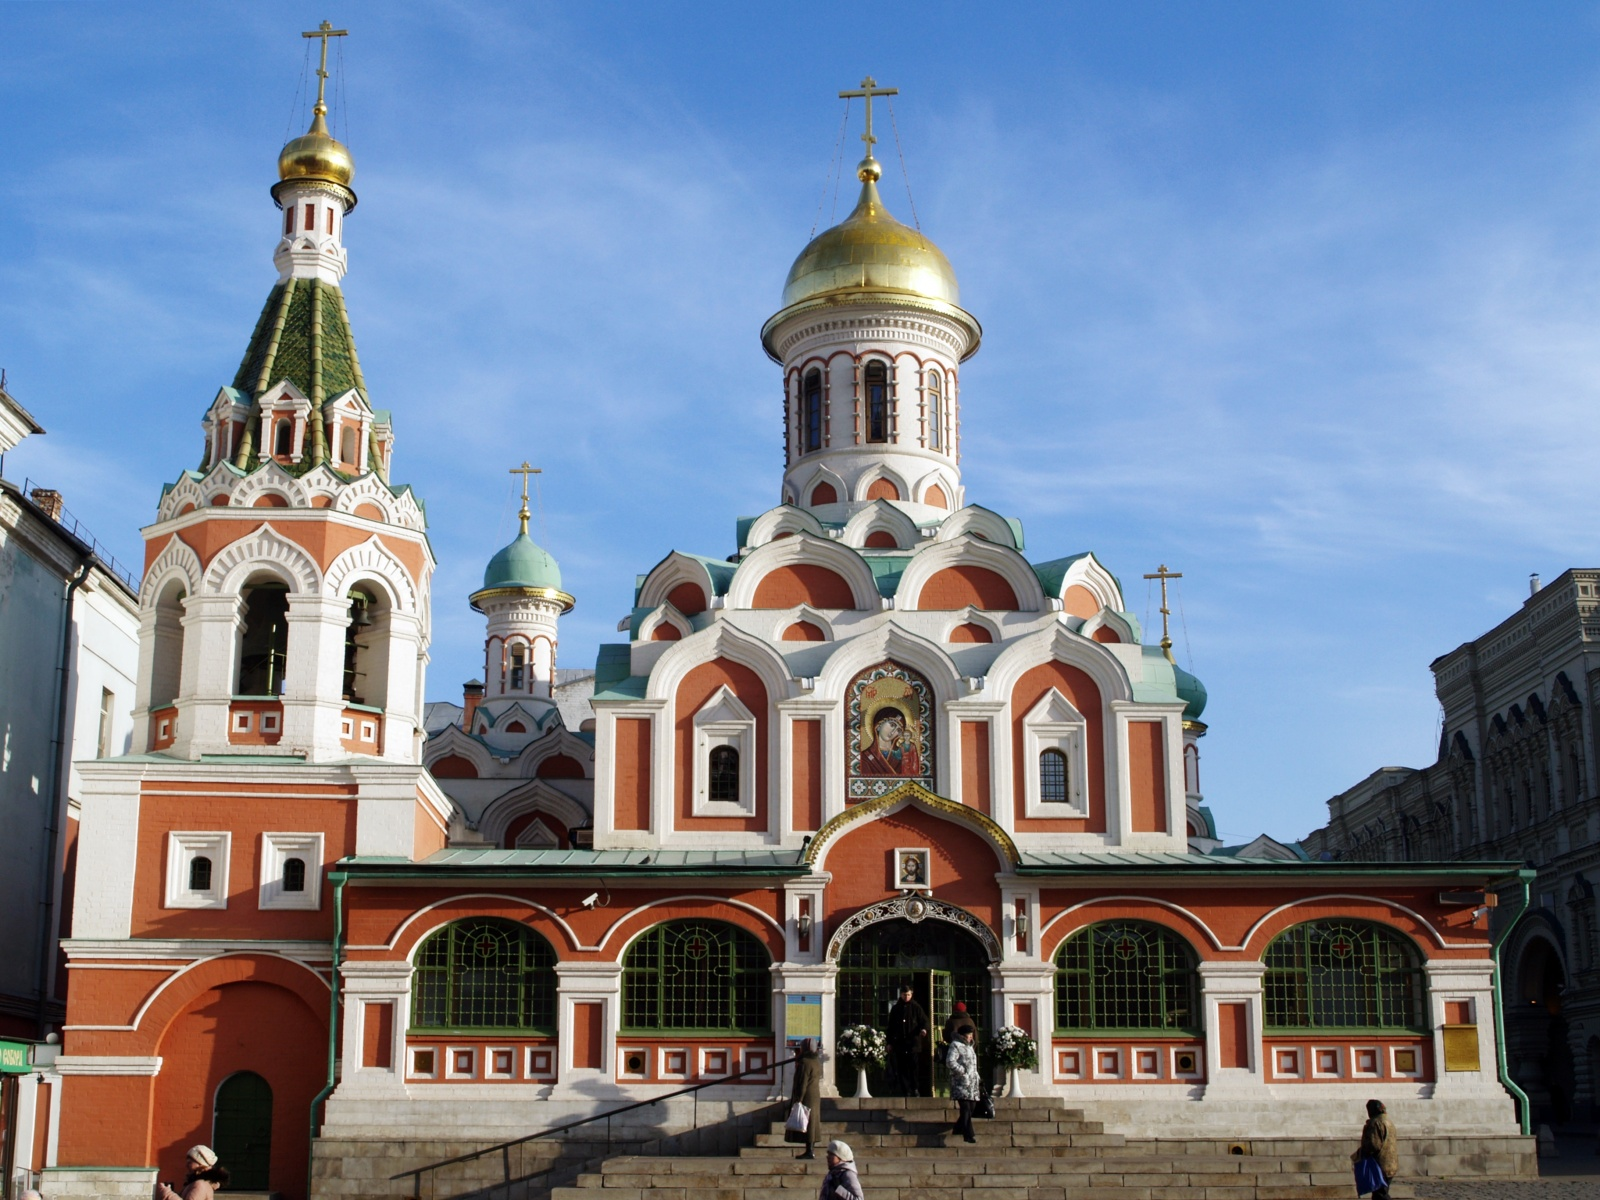 Интересные памятники москвы фото с описанием надгробия санкт петербурга и москвы